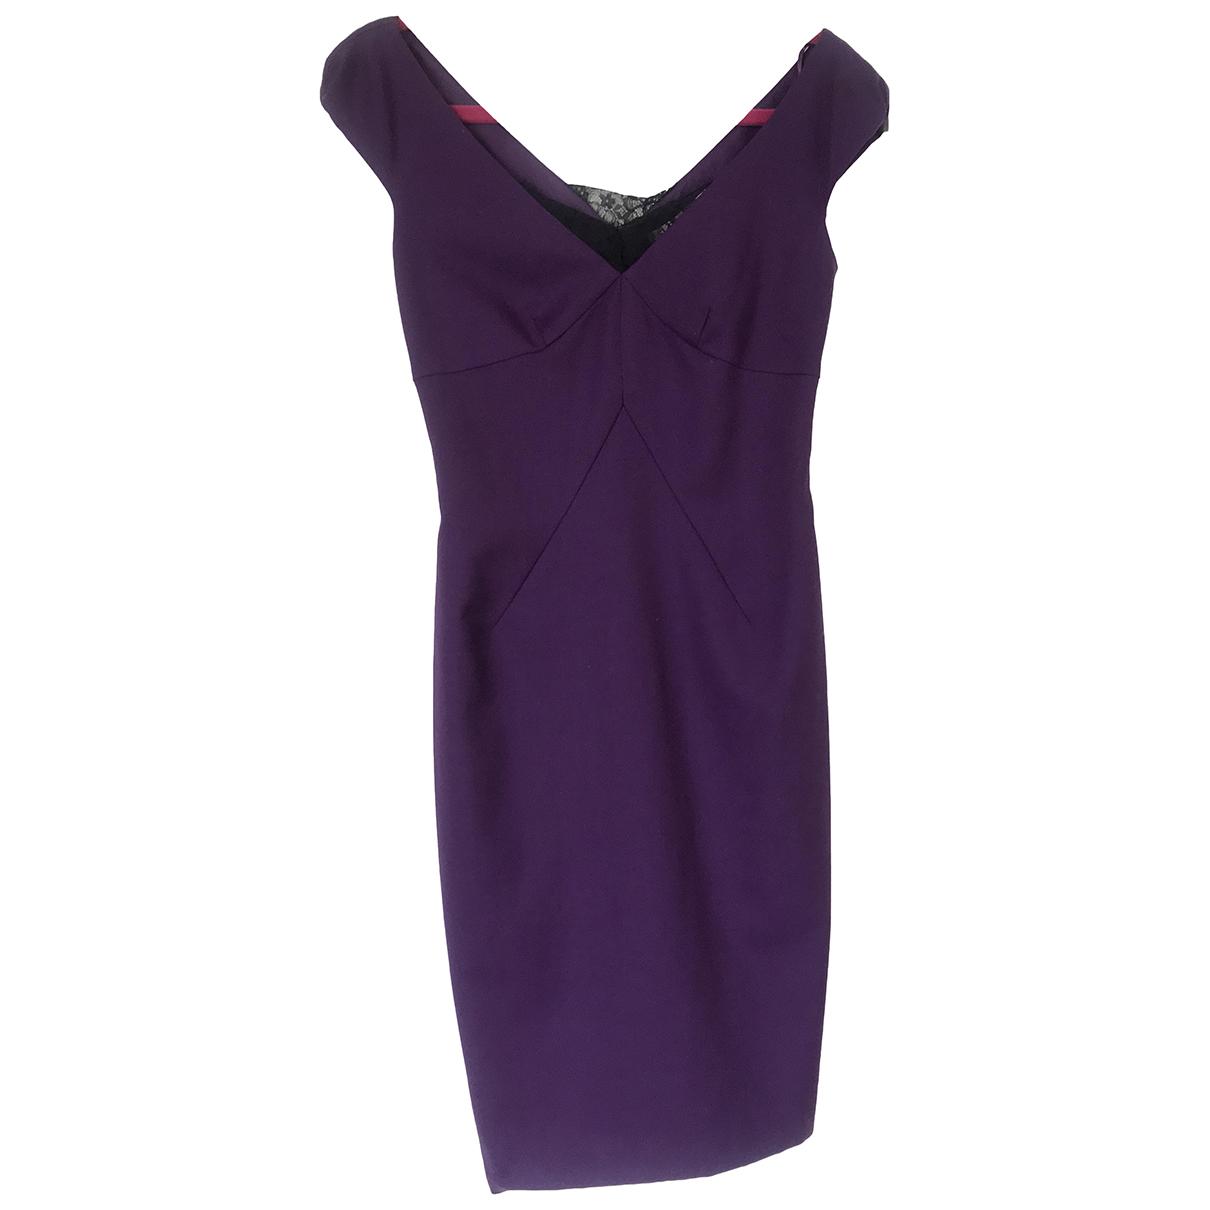 Lk Bennett \N Purple Wool dress for Women 8 UK